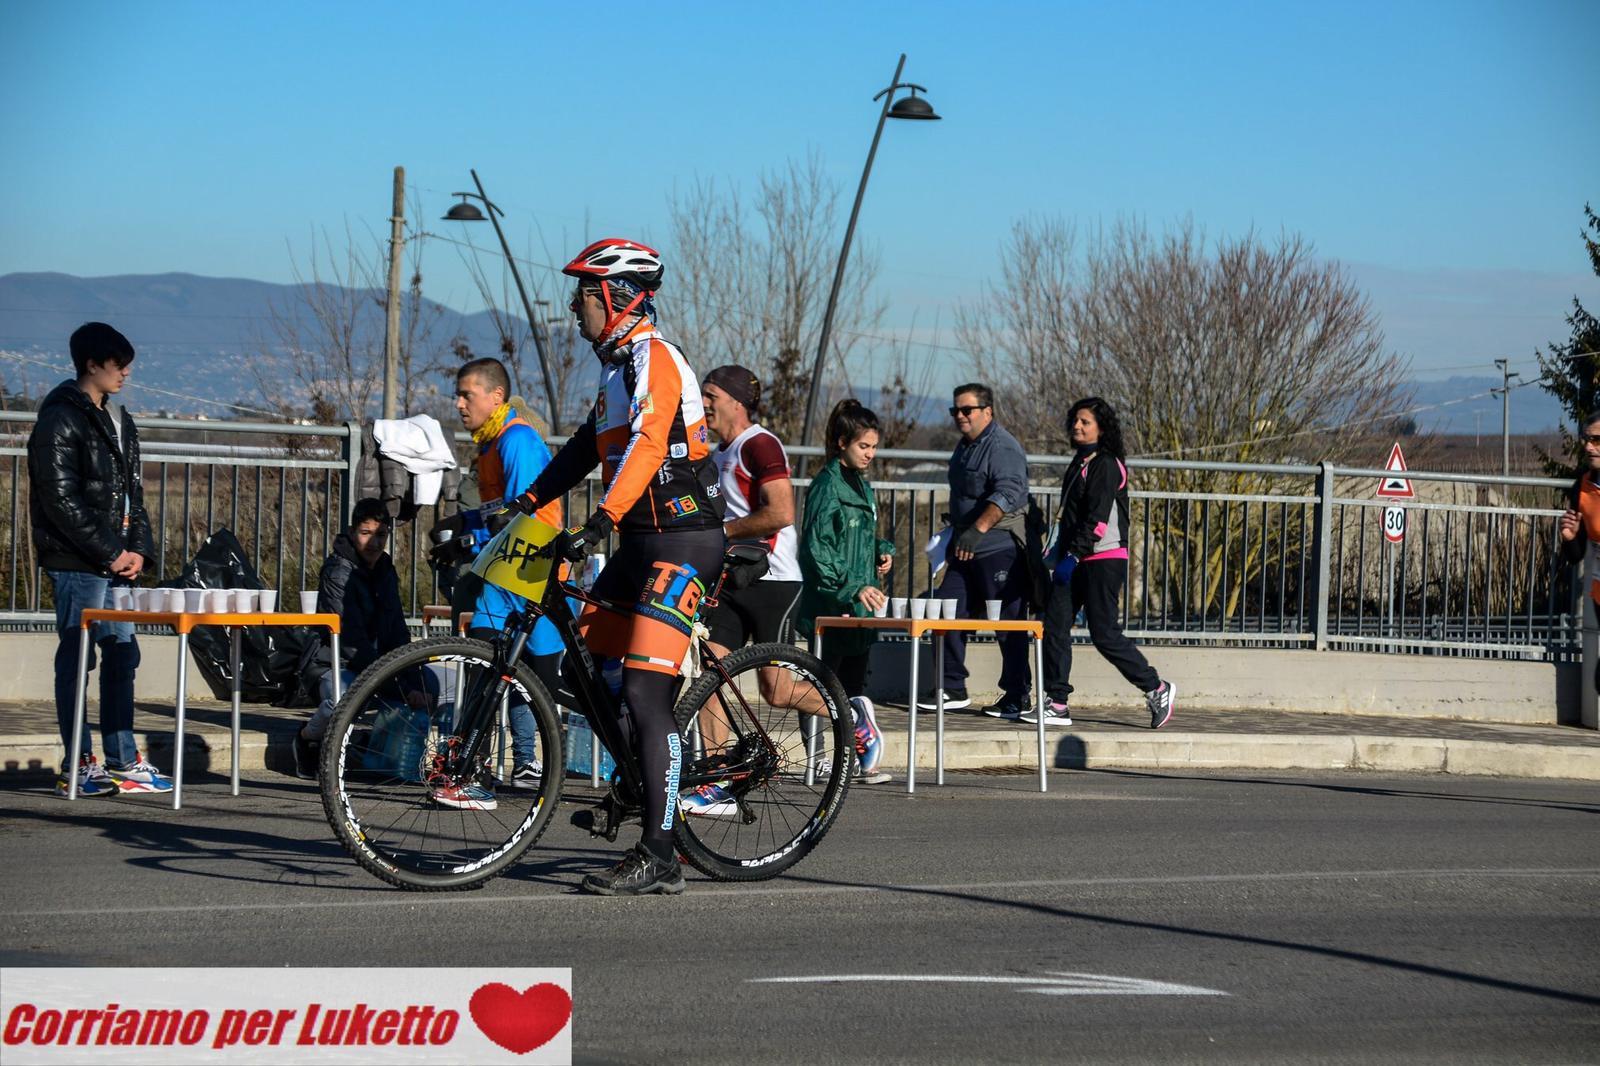 corriamo_per_luketto-51